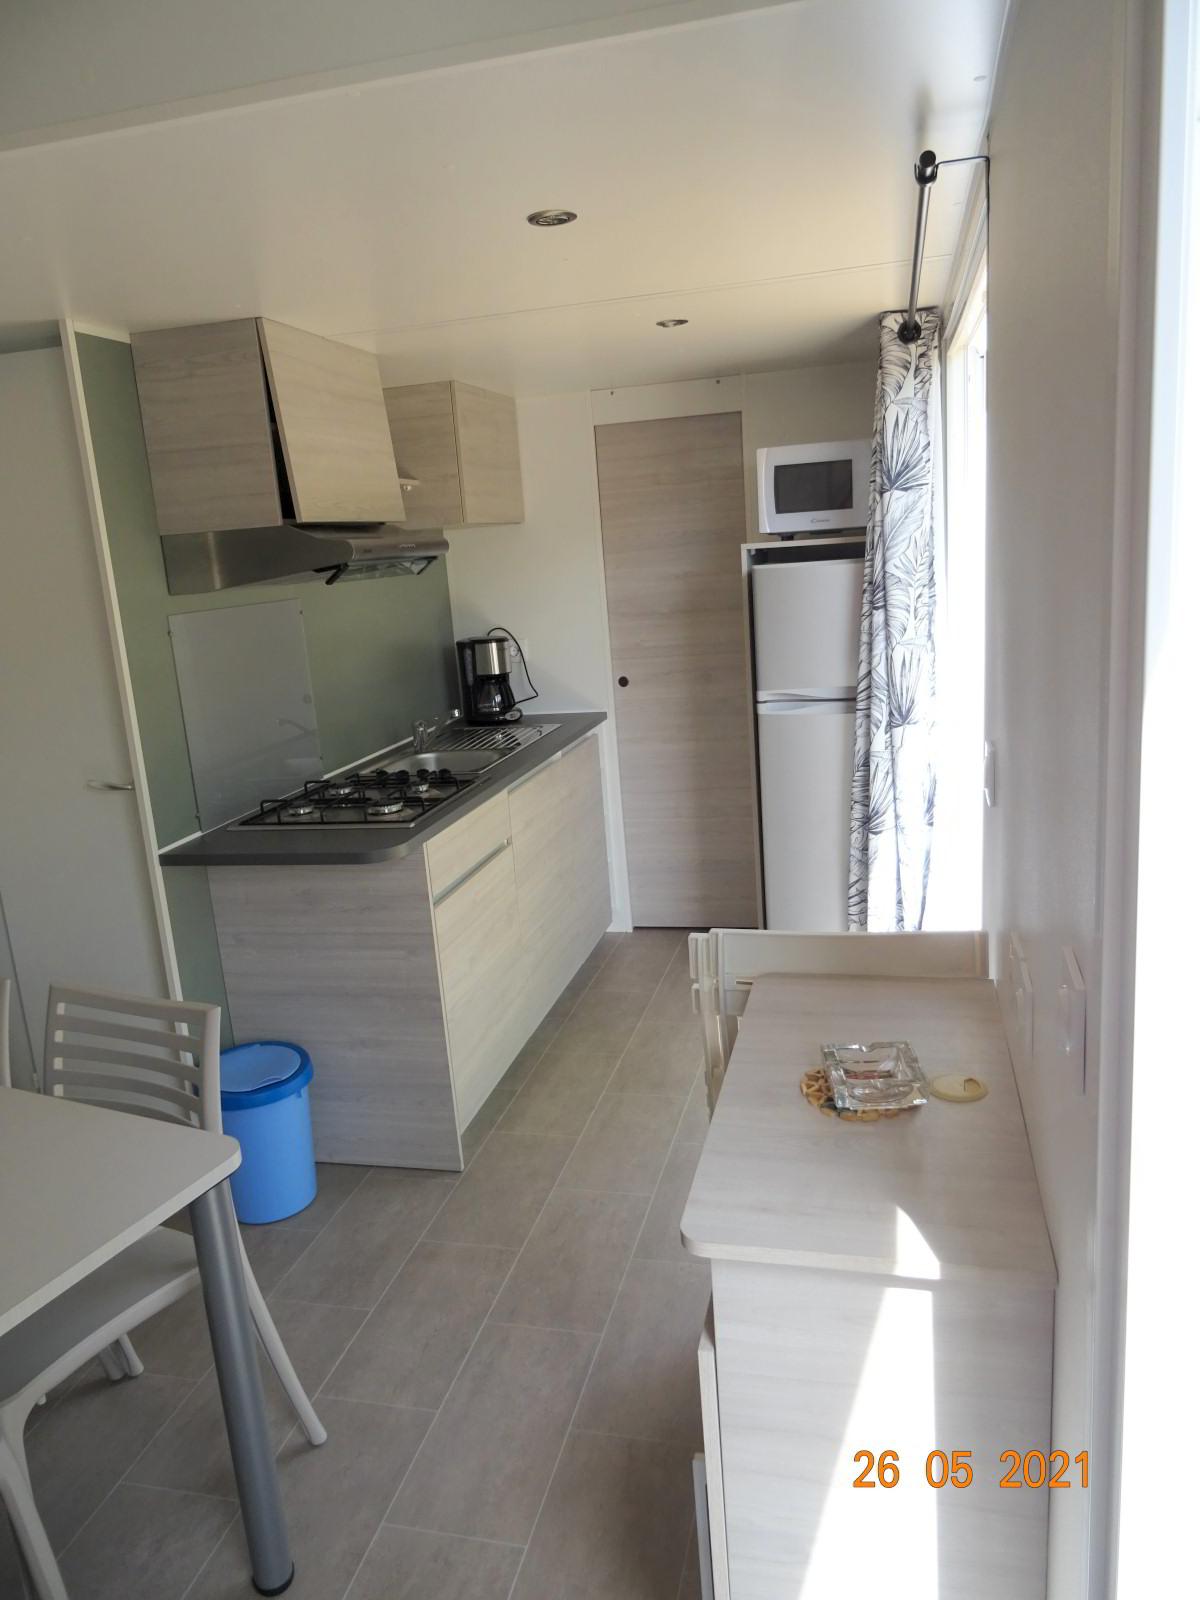 Küchenbereich, neues Mobilheim mit 2 Schlafzimmern